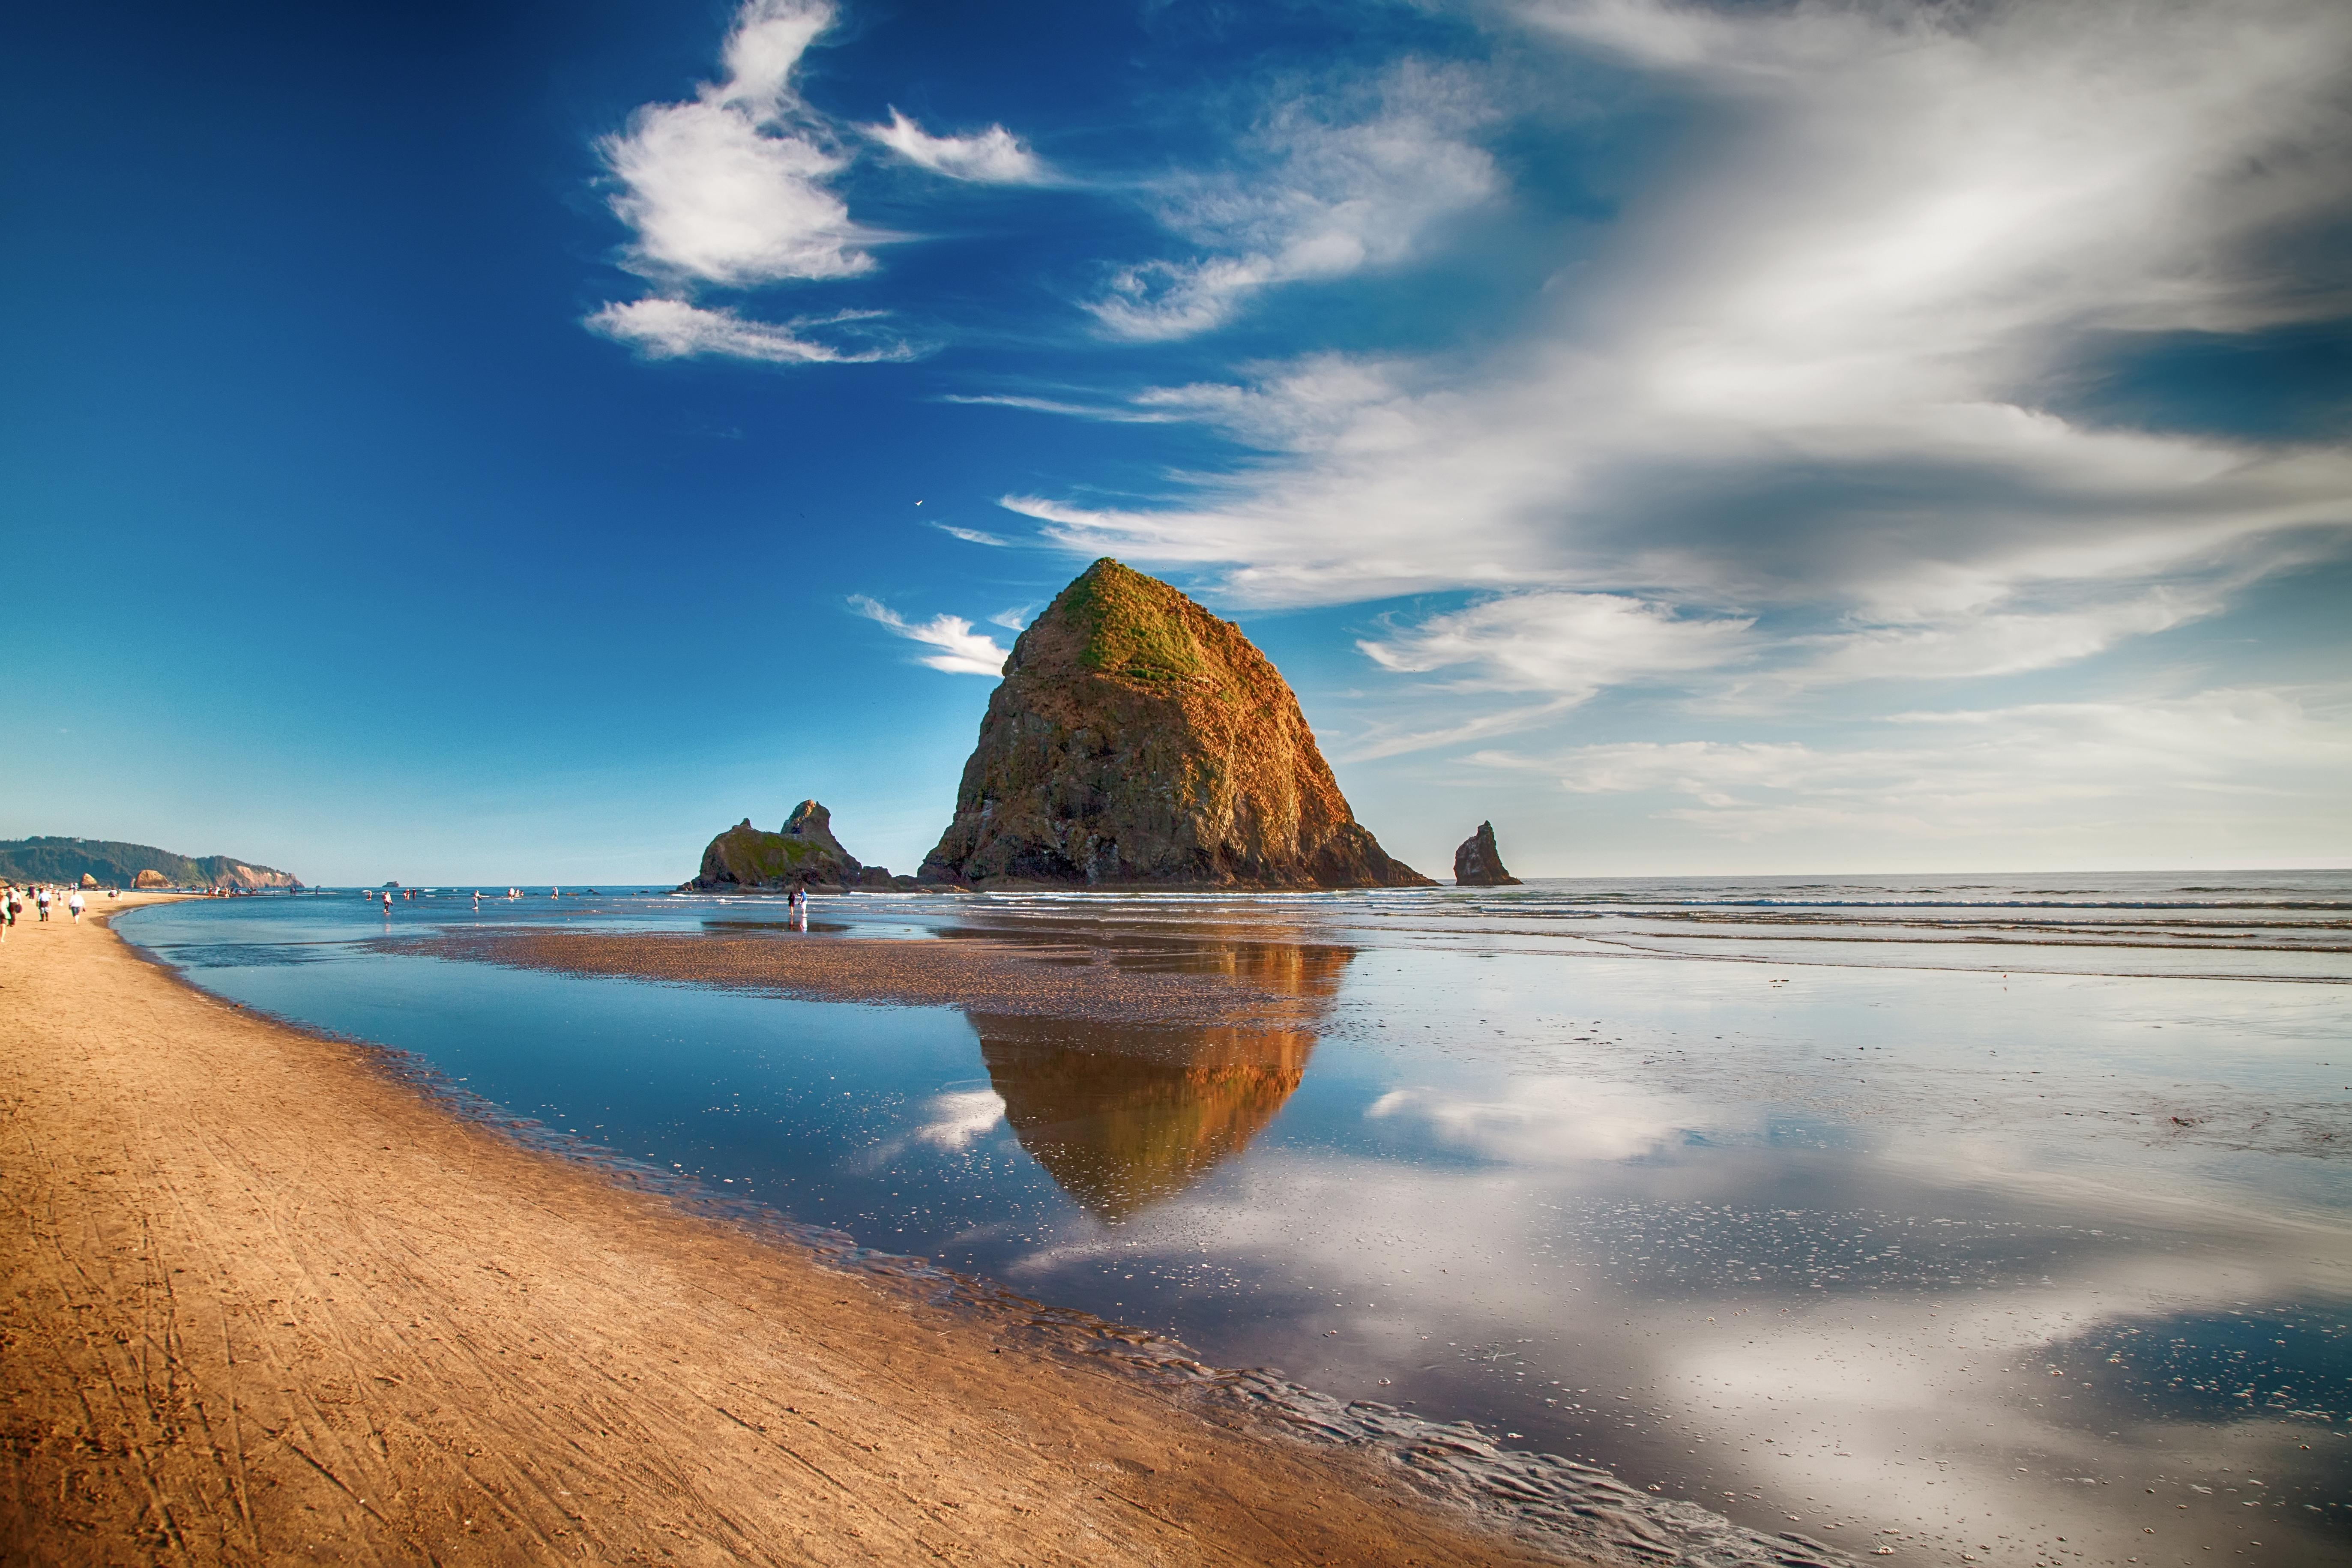 La creación más majestuosa del noroeste del Pacífico es Cannon Beach, en Oregon. Las majestuosas rocas se elevan muy por encima de la pintoresca costa, mientras que el cielo de acuarela pinta el mar en vibrantes tonos de azul y verde azulado durante todo el día. Esta playa distintiva y sus aguas se mantienen dulcemente frías con una temperatura promedio de 15° C // Fotos: Shutterstock